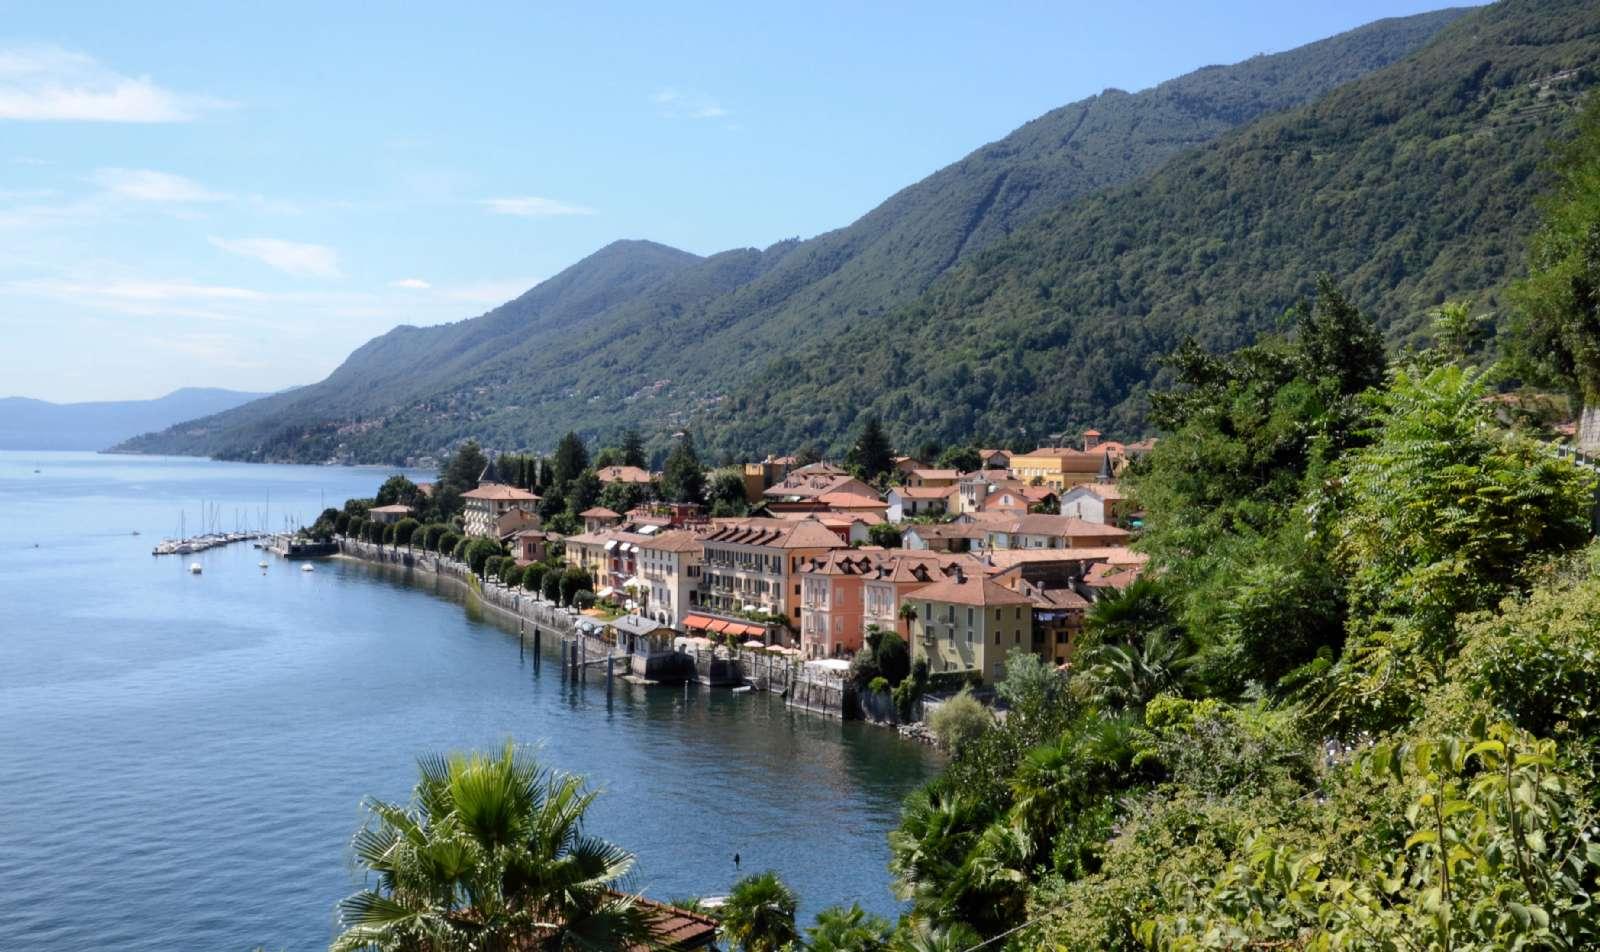 Cannero Riviera am Lago Maggiore